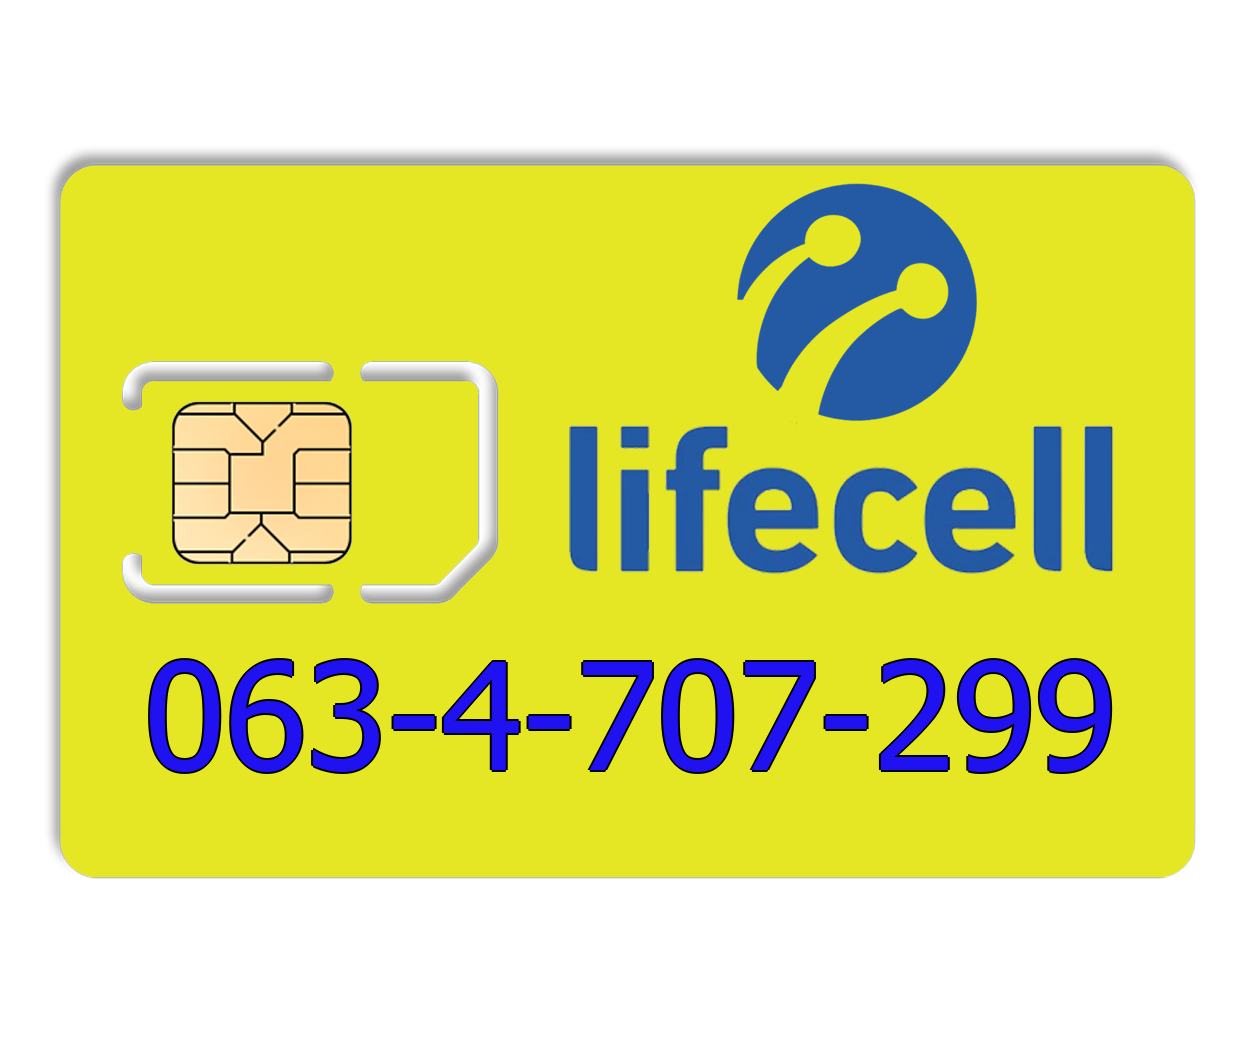 Красивый номер lifecell 063-4-707-299